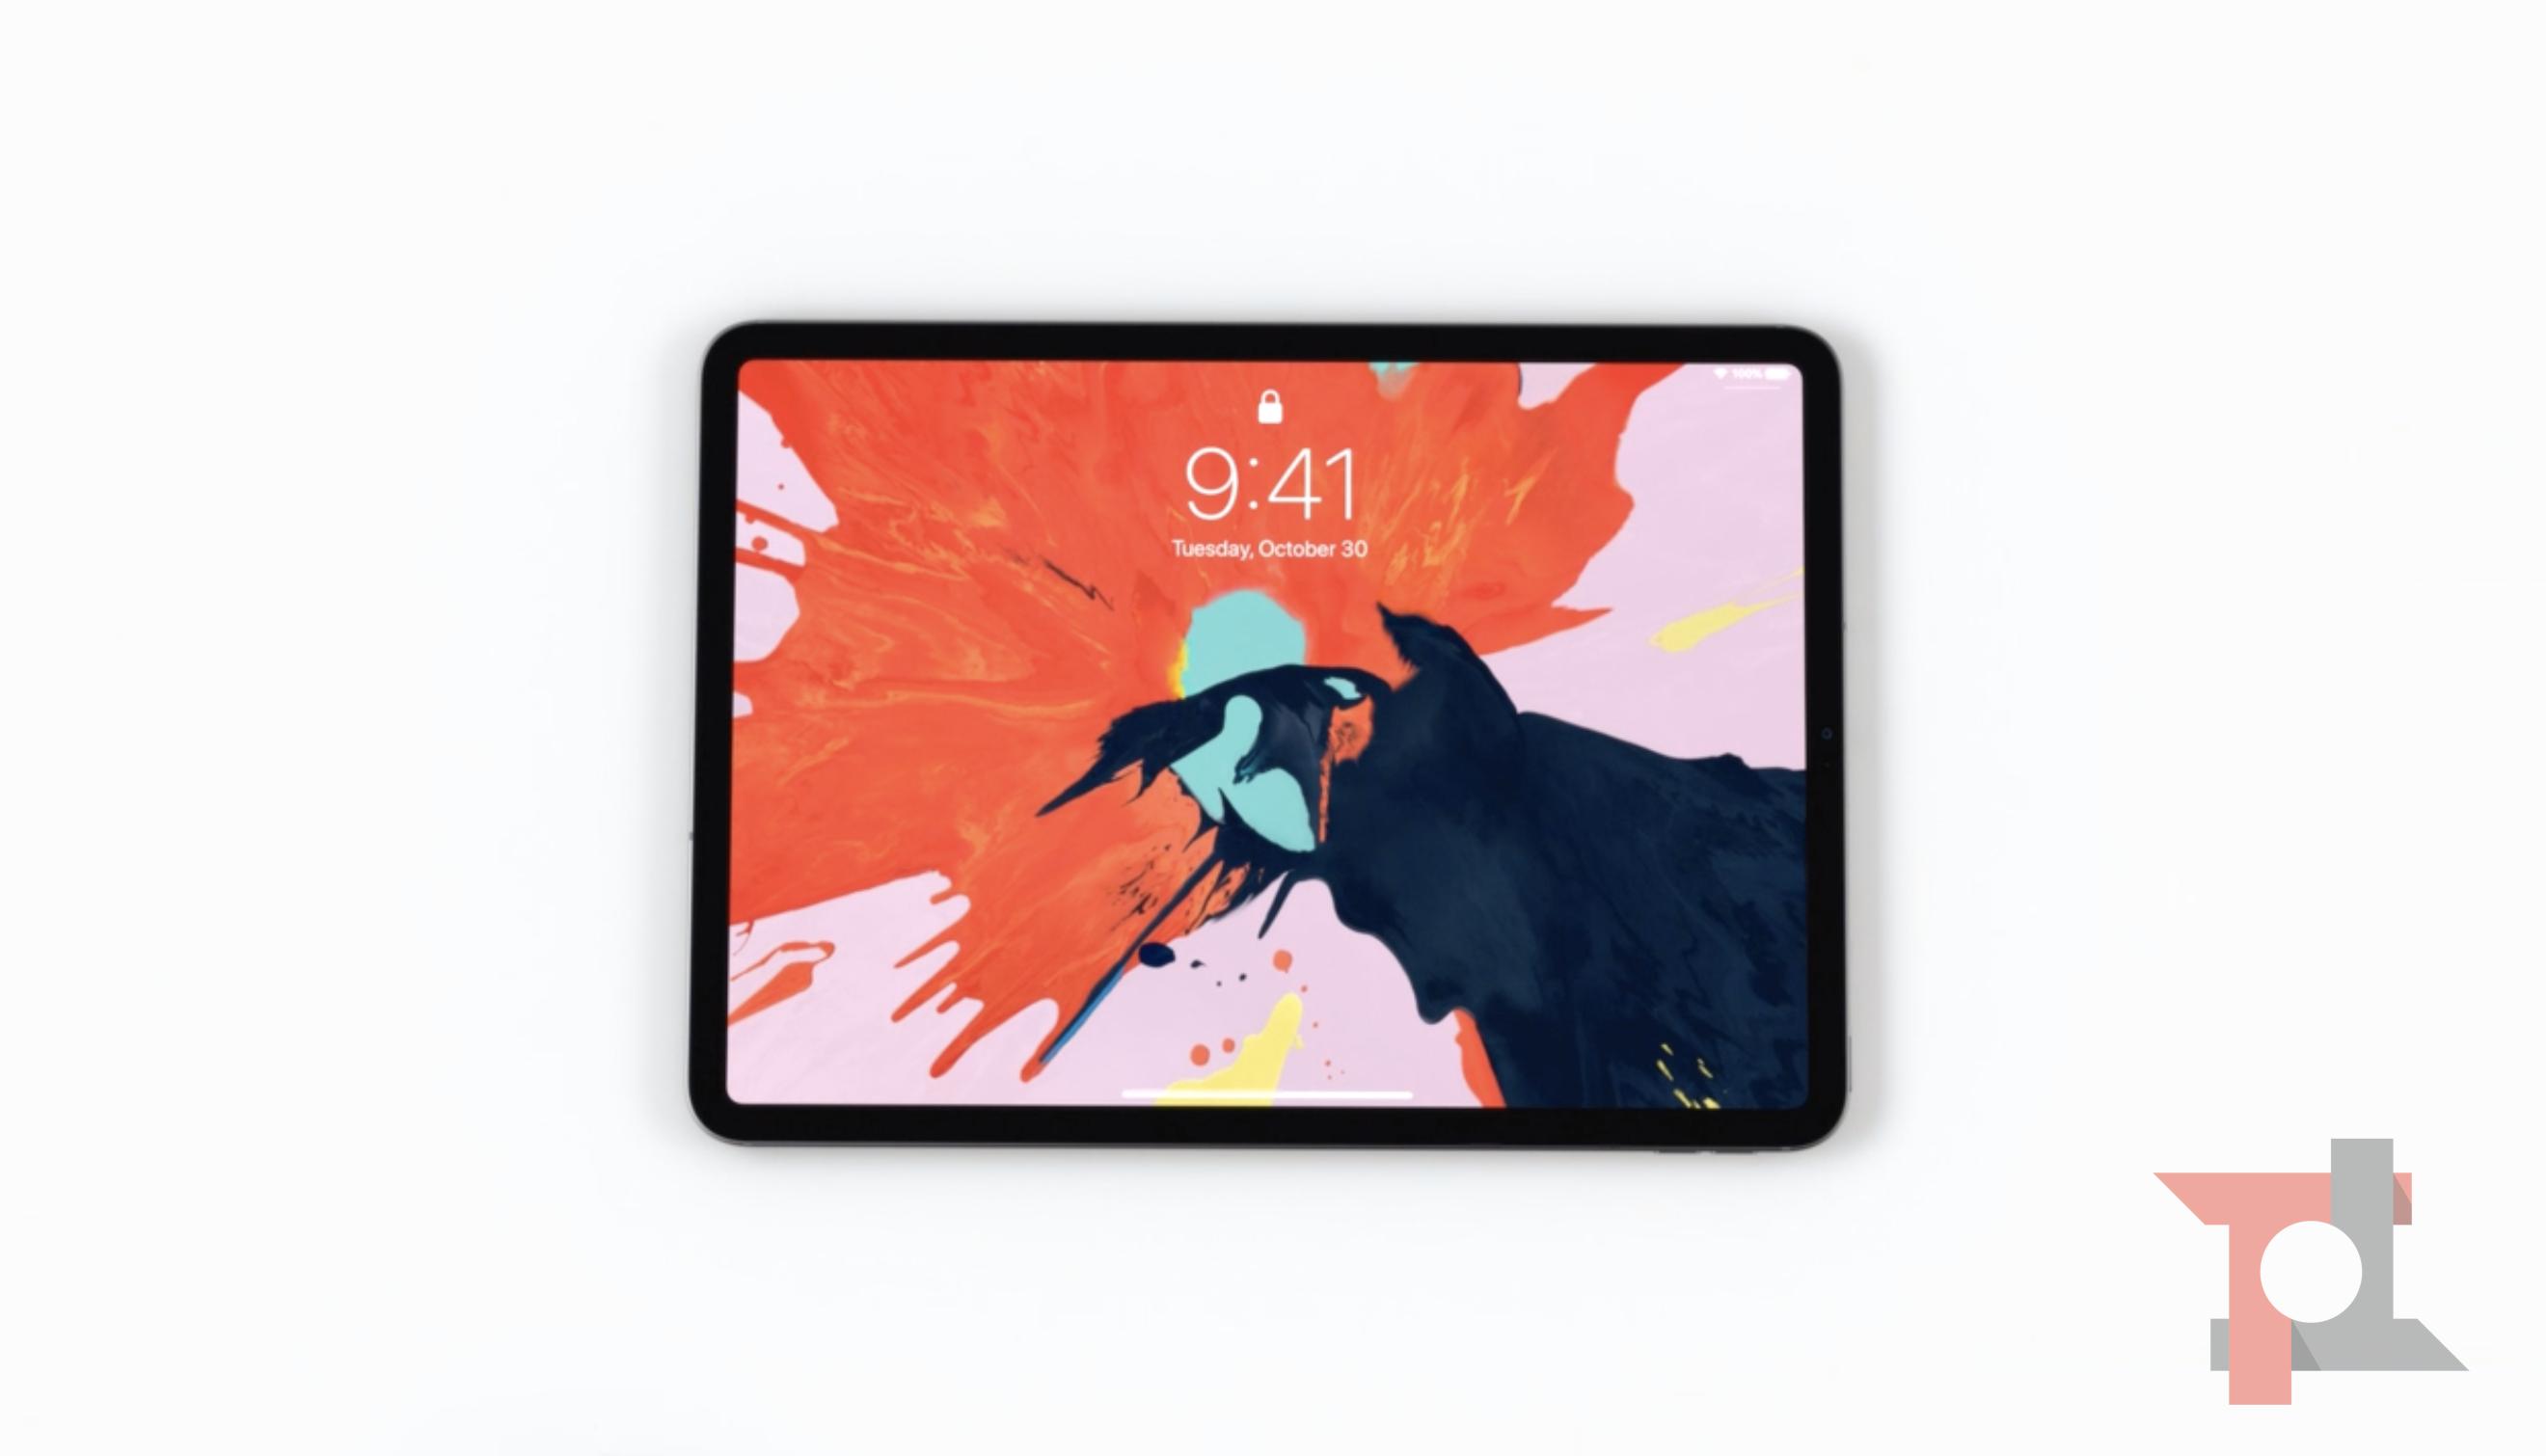 Le parole di Jony Ive sul design dei nuovi iPad Pro 1